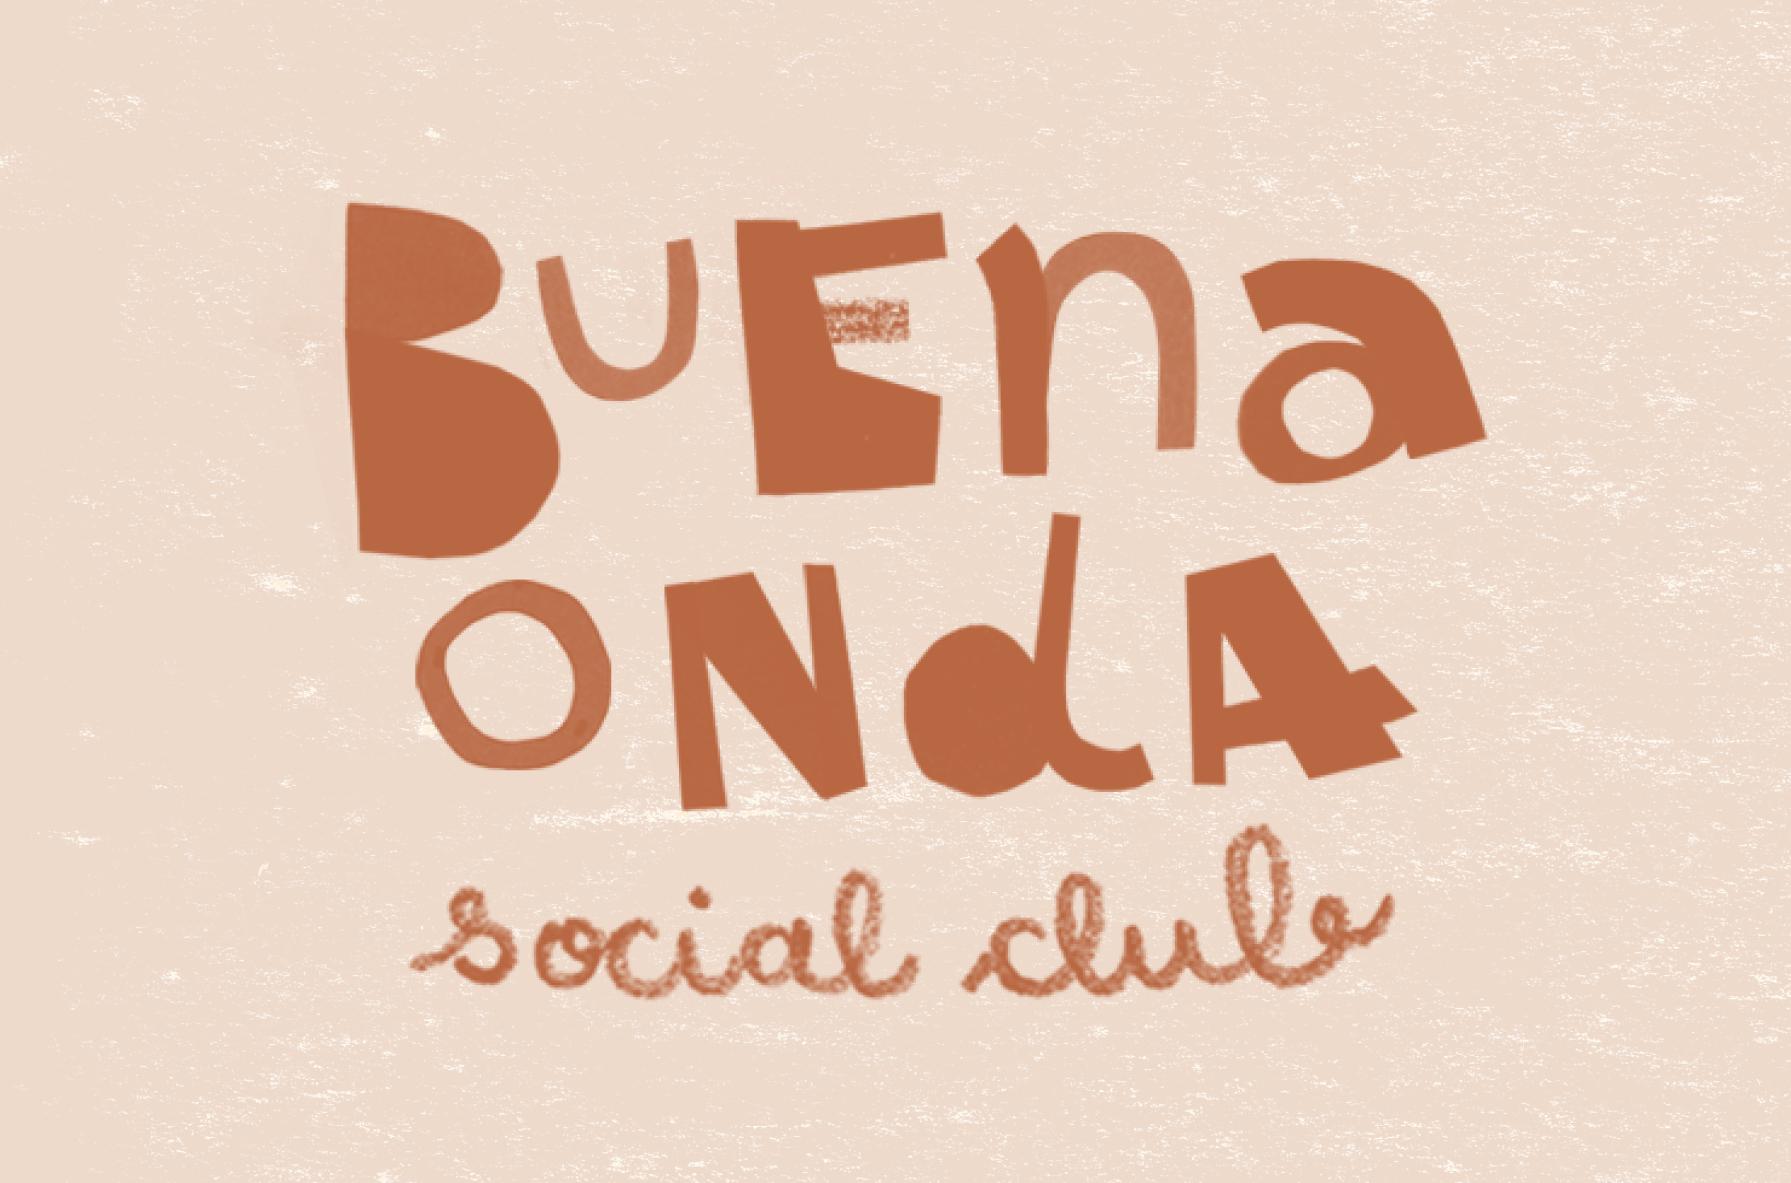 Buena Onda Social Club, identity